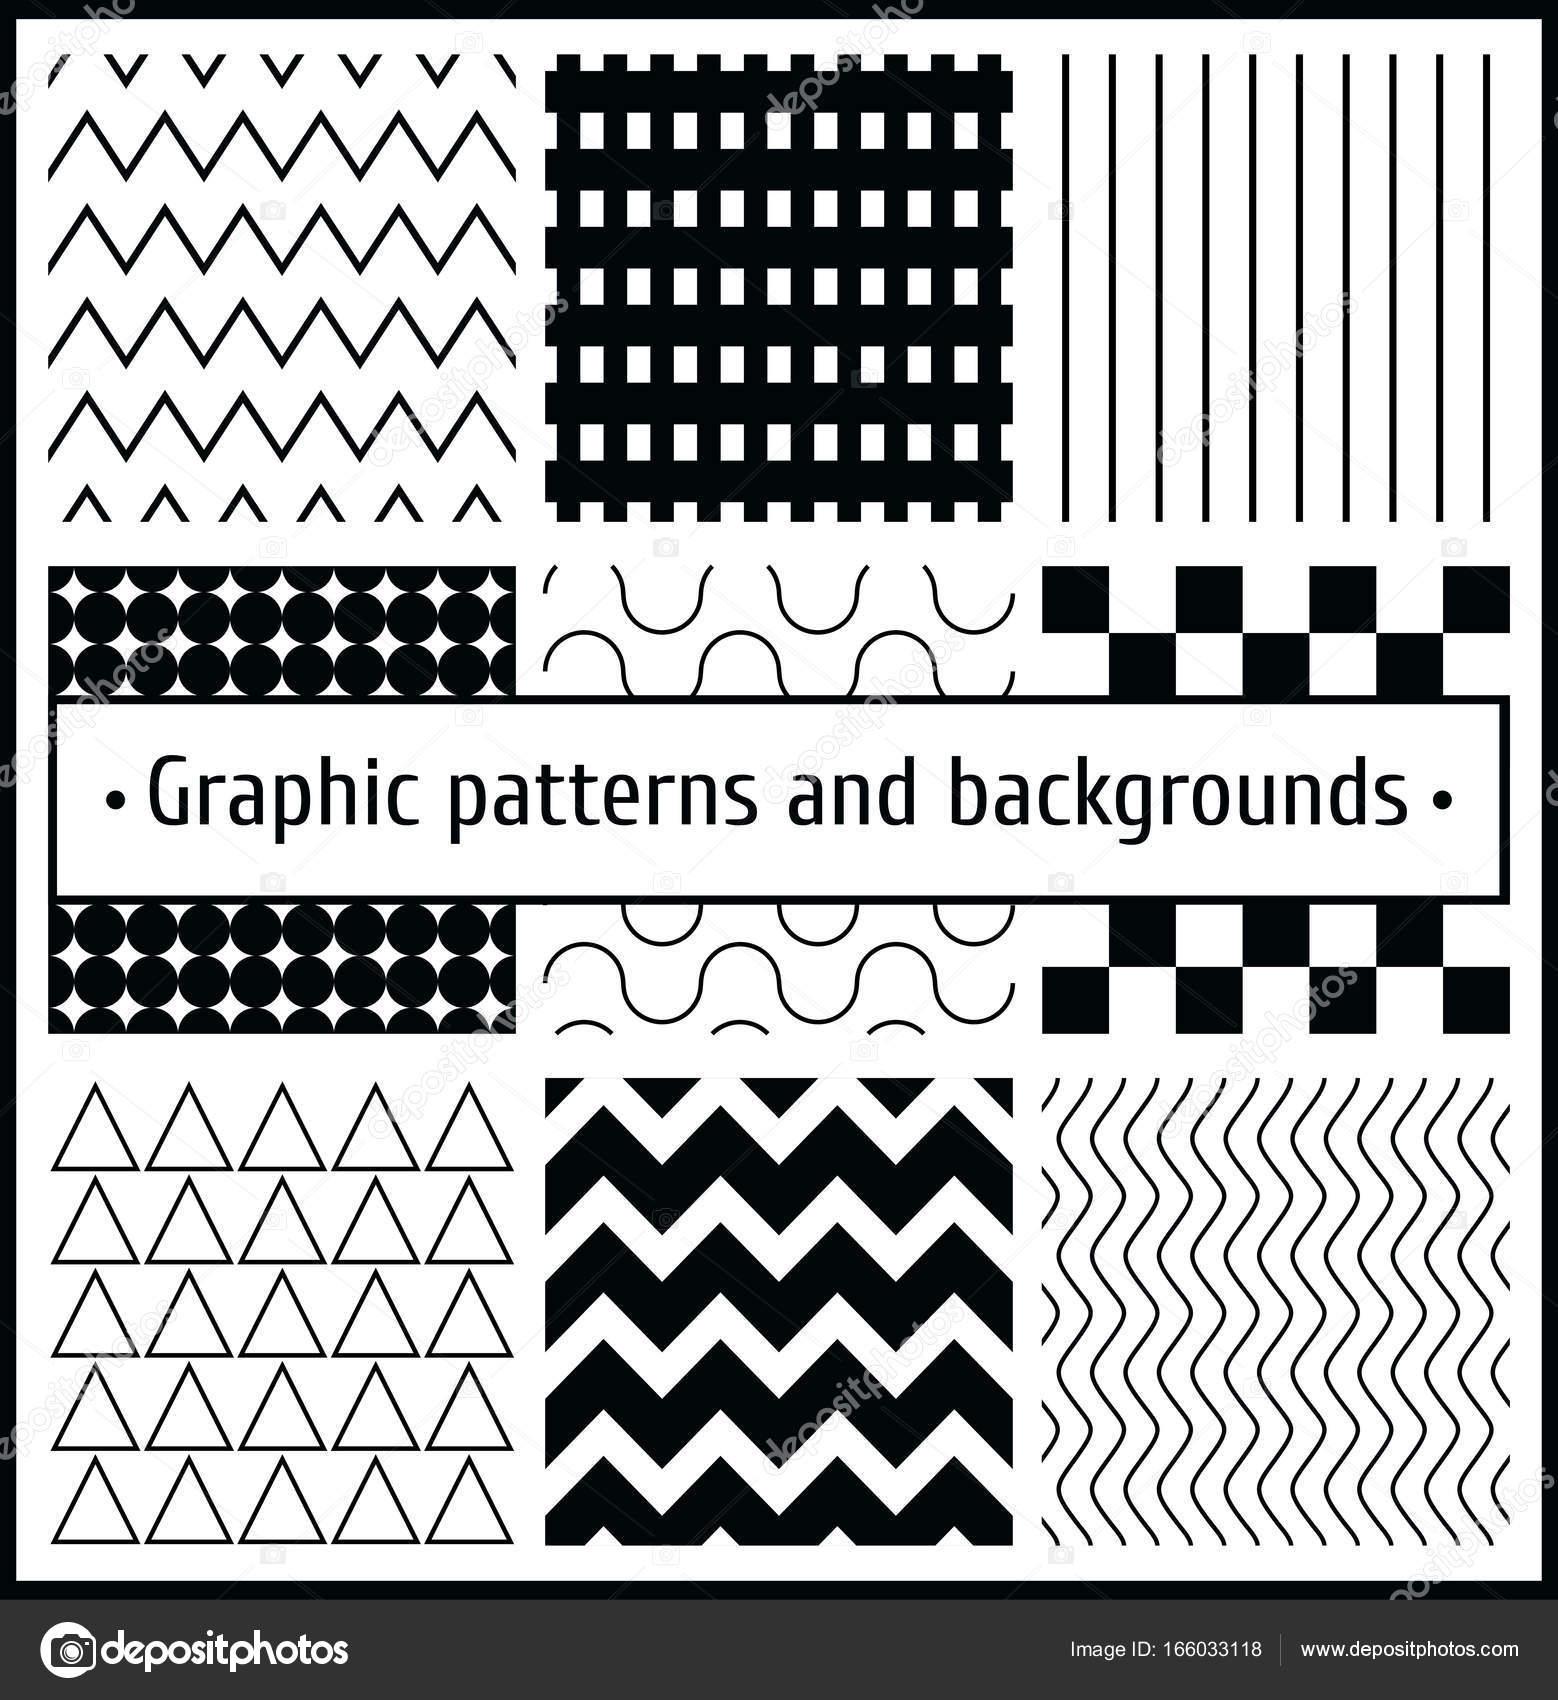 conjunto de patrones gráficos — Archivo Imágenes Vectoriales ...